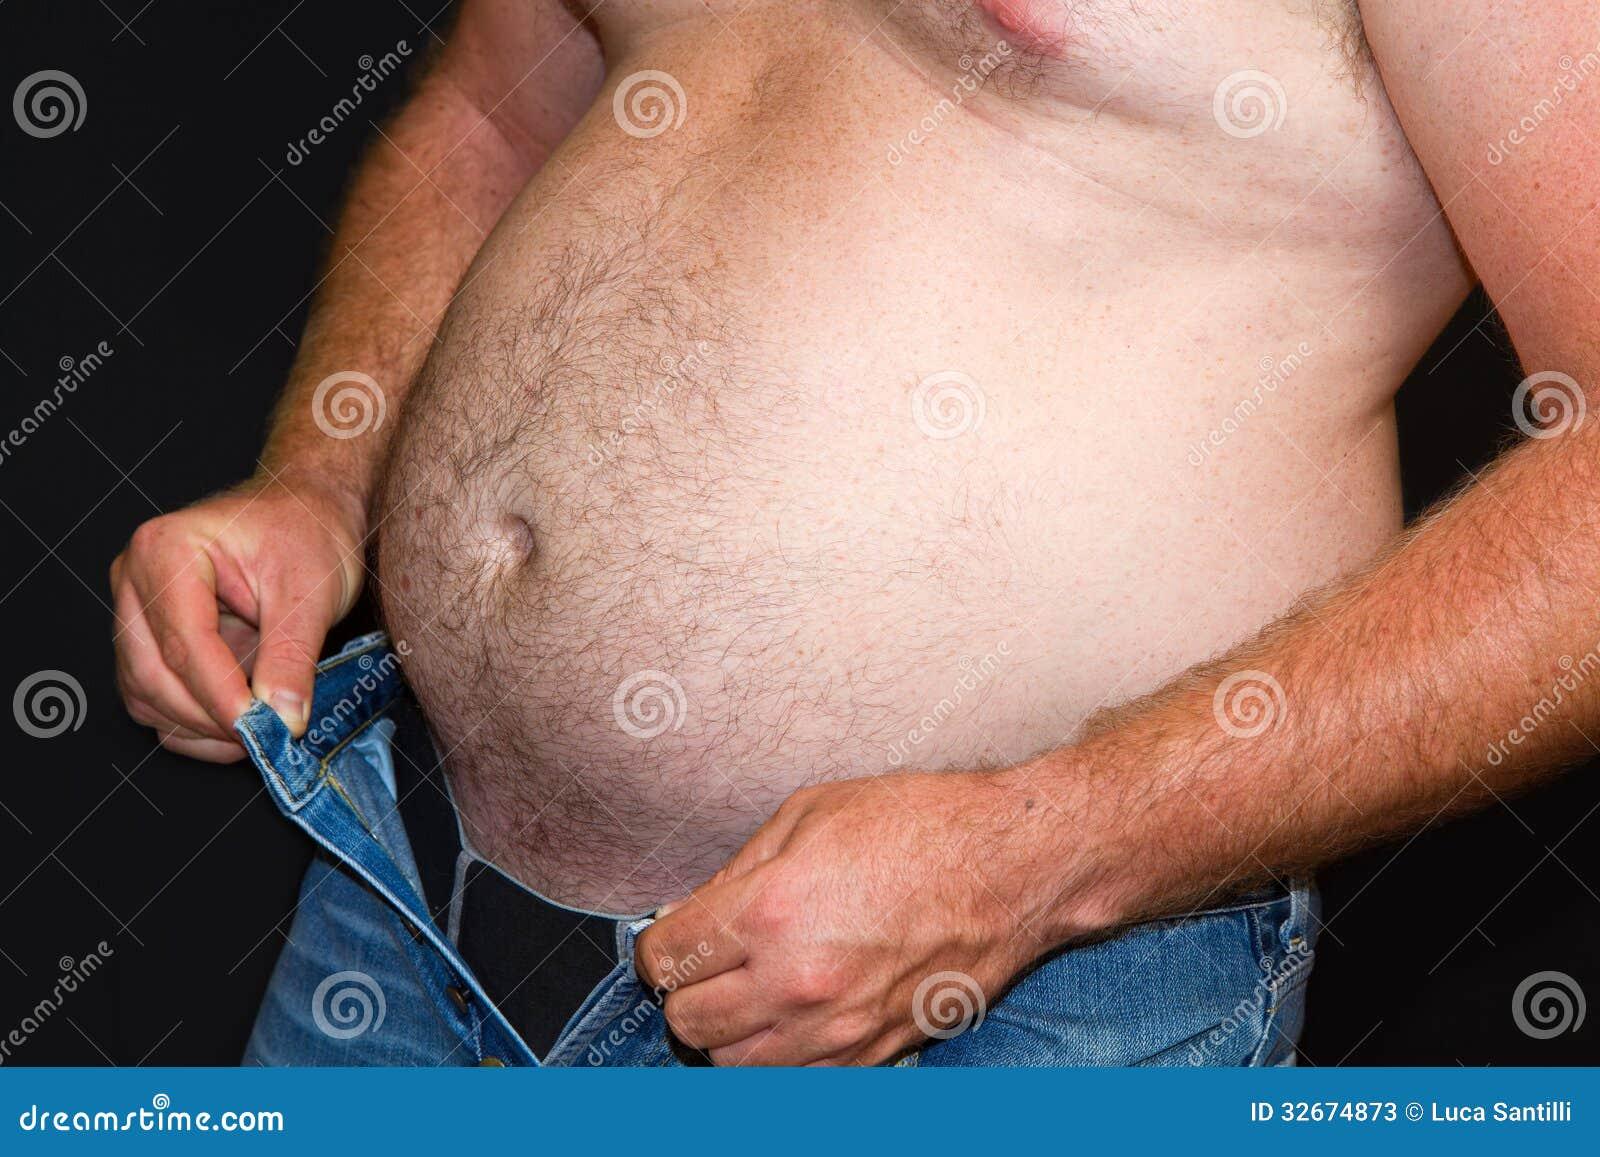 Худой парень ебет толстую жопу, Толстый мужик ебёт девчонку (видео) 27 фотография